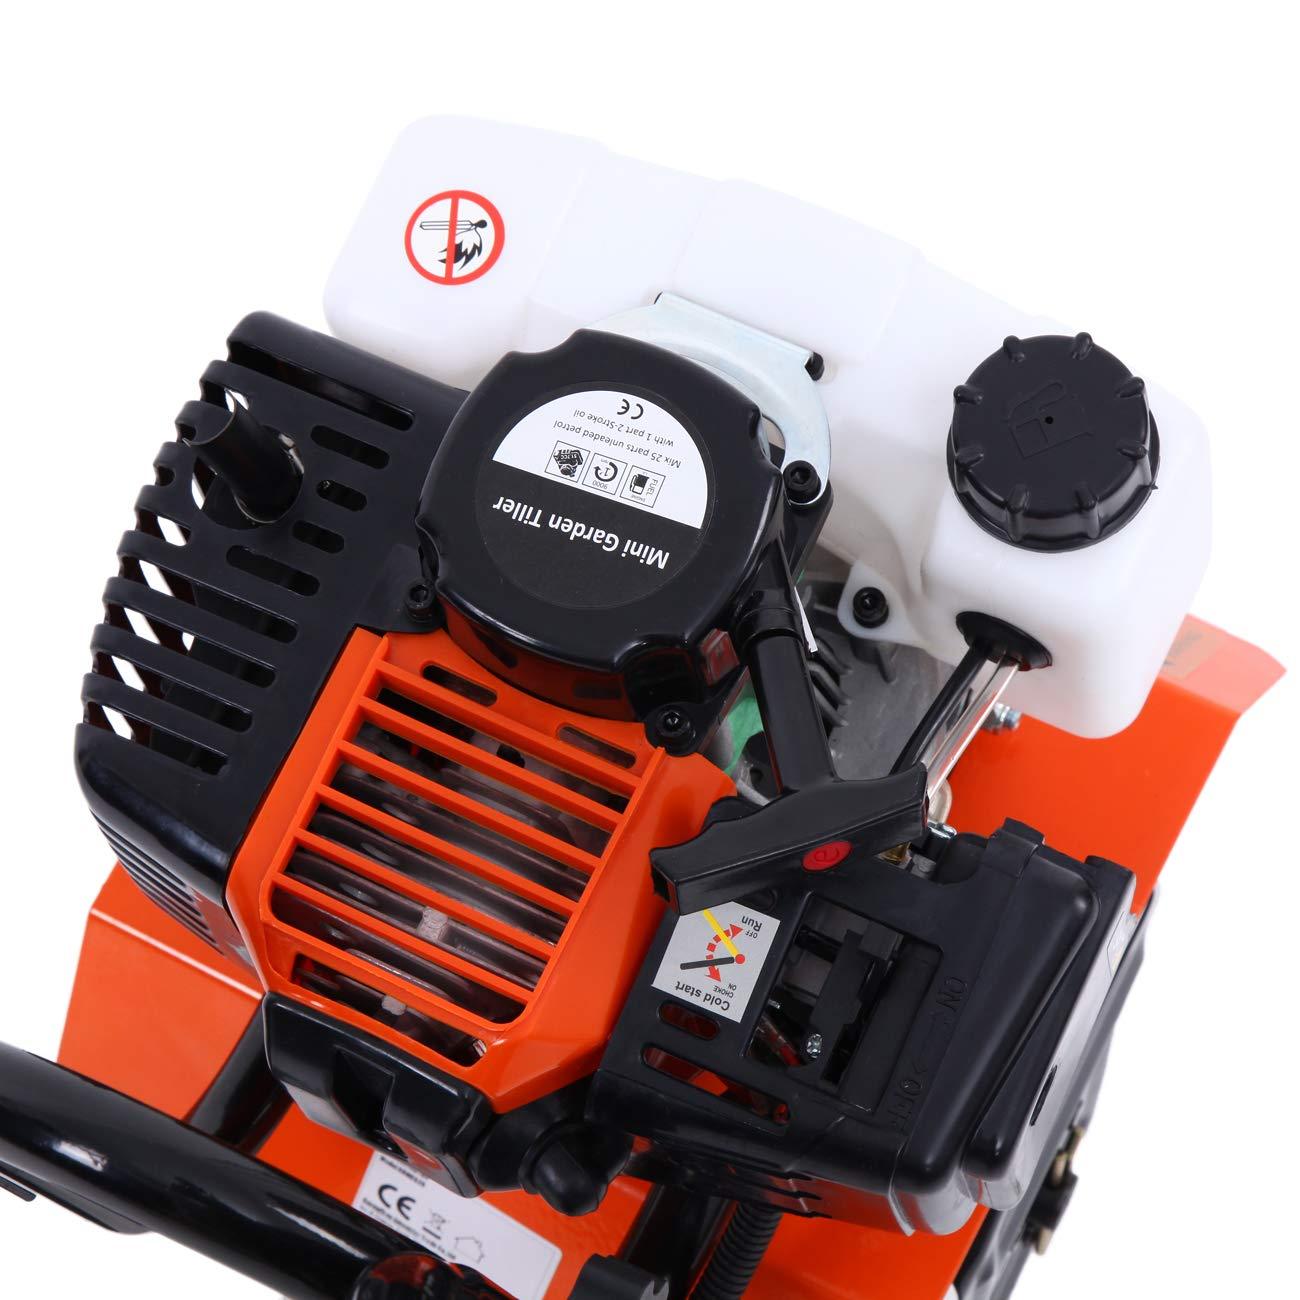 Samger Samger Mini caña Motor Cultivador 52cc 2 Tiempos Gas ...